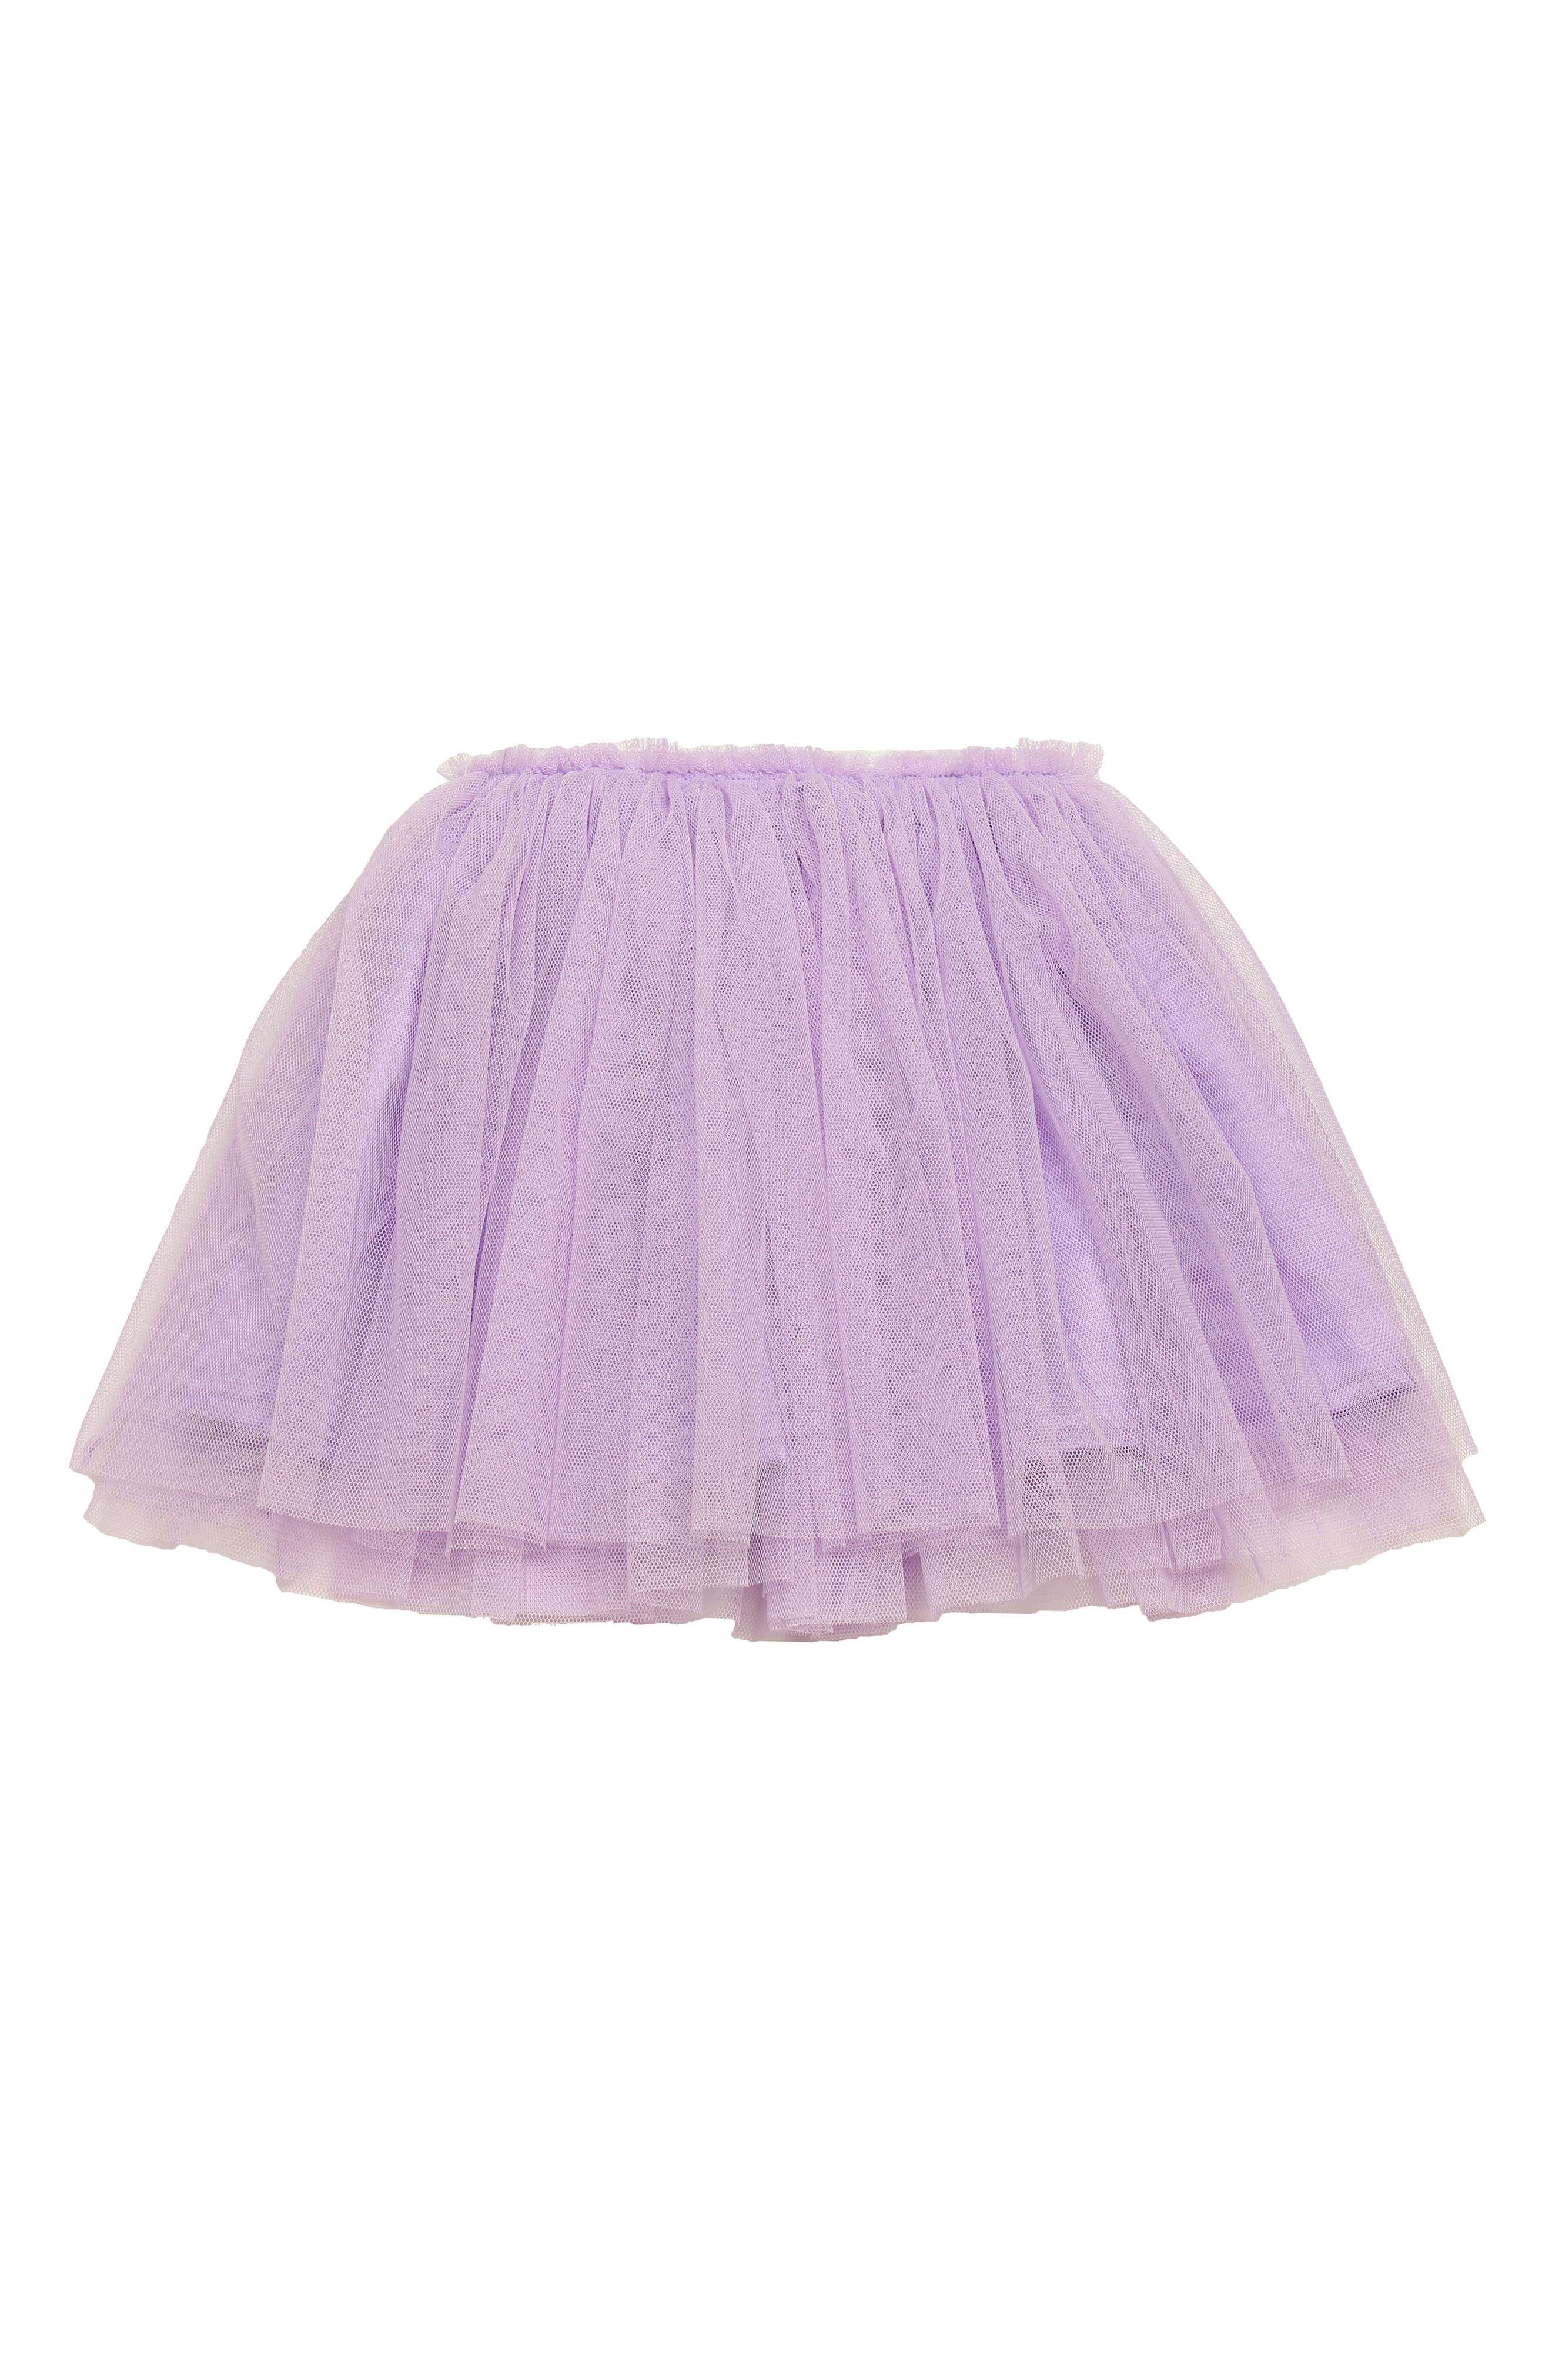 Tutu Skirt,                             Main thumbnail 1, color,                             PURPLE